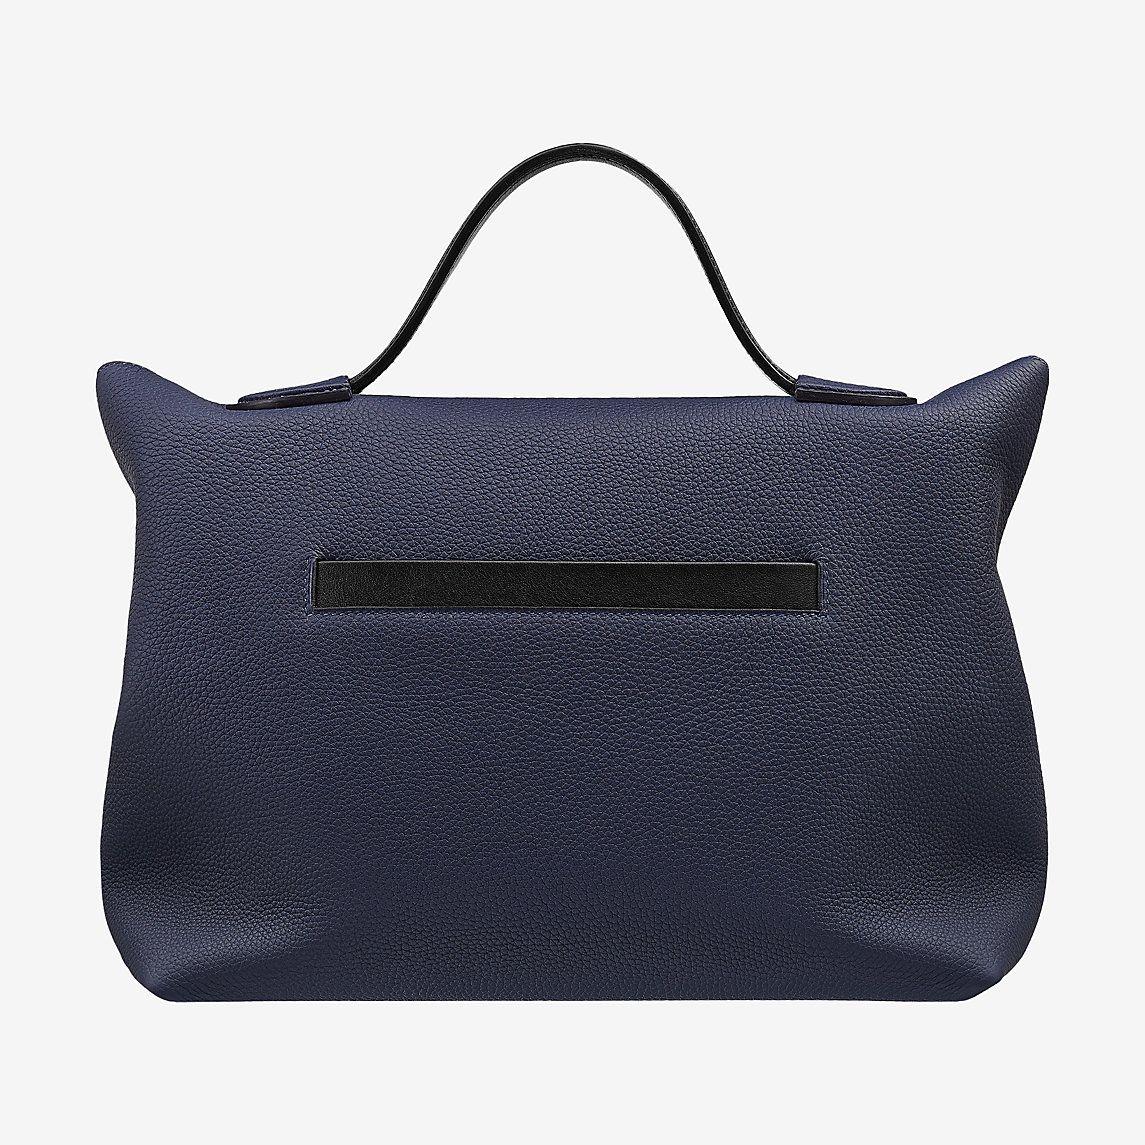 e26e2a65465b 24 24 - 35 bag - back Hermes Bags